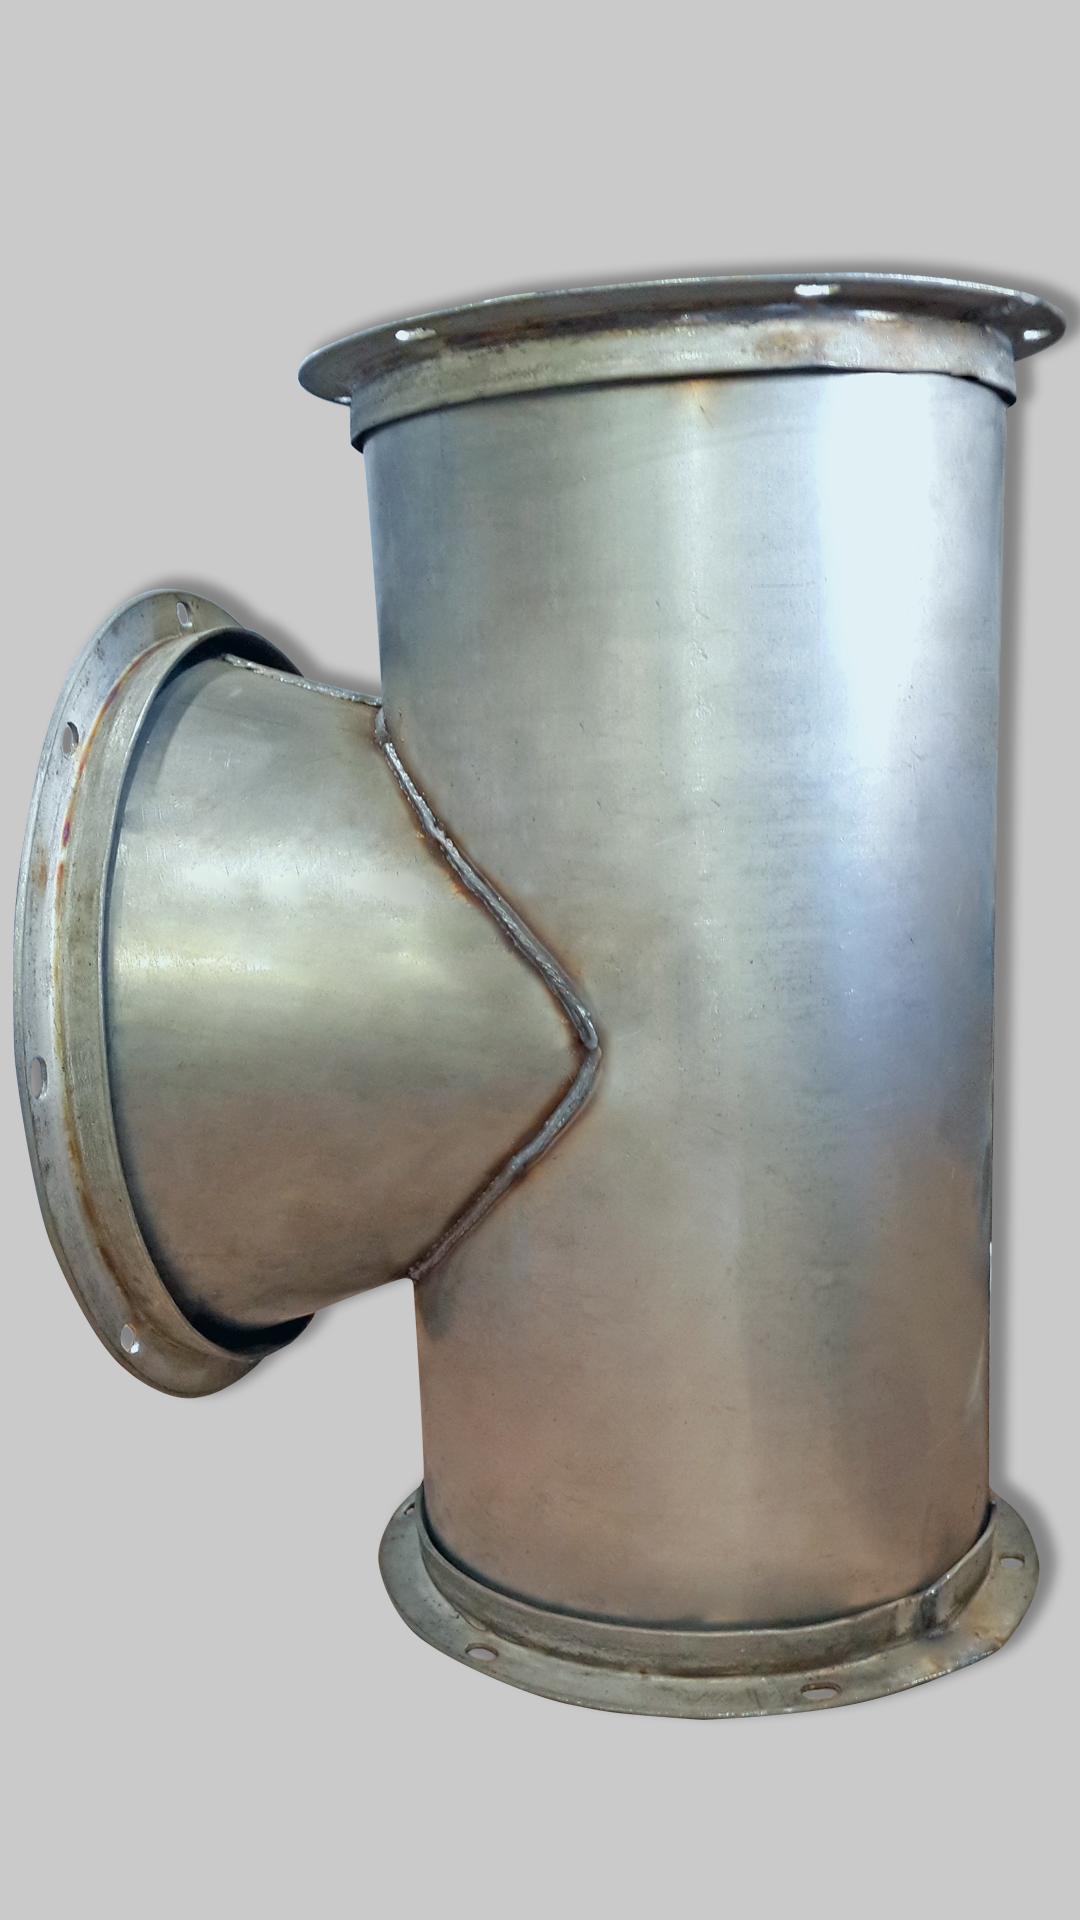 Нестандартный тройник для вентиляции